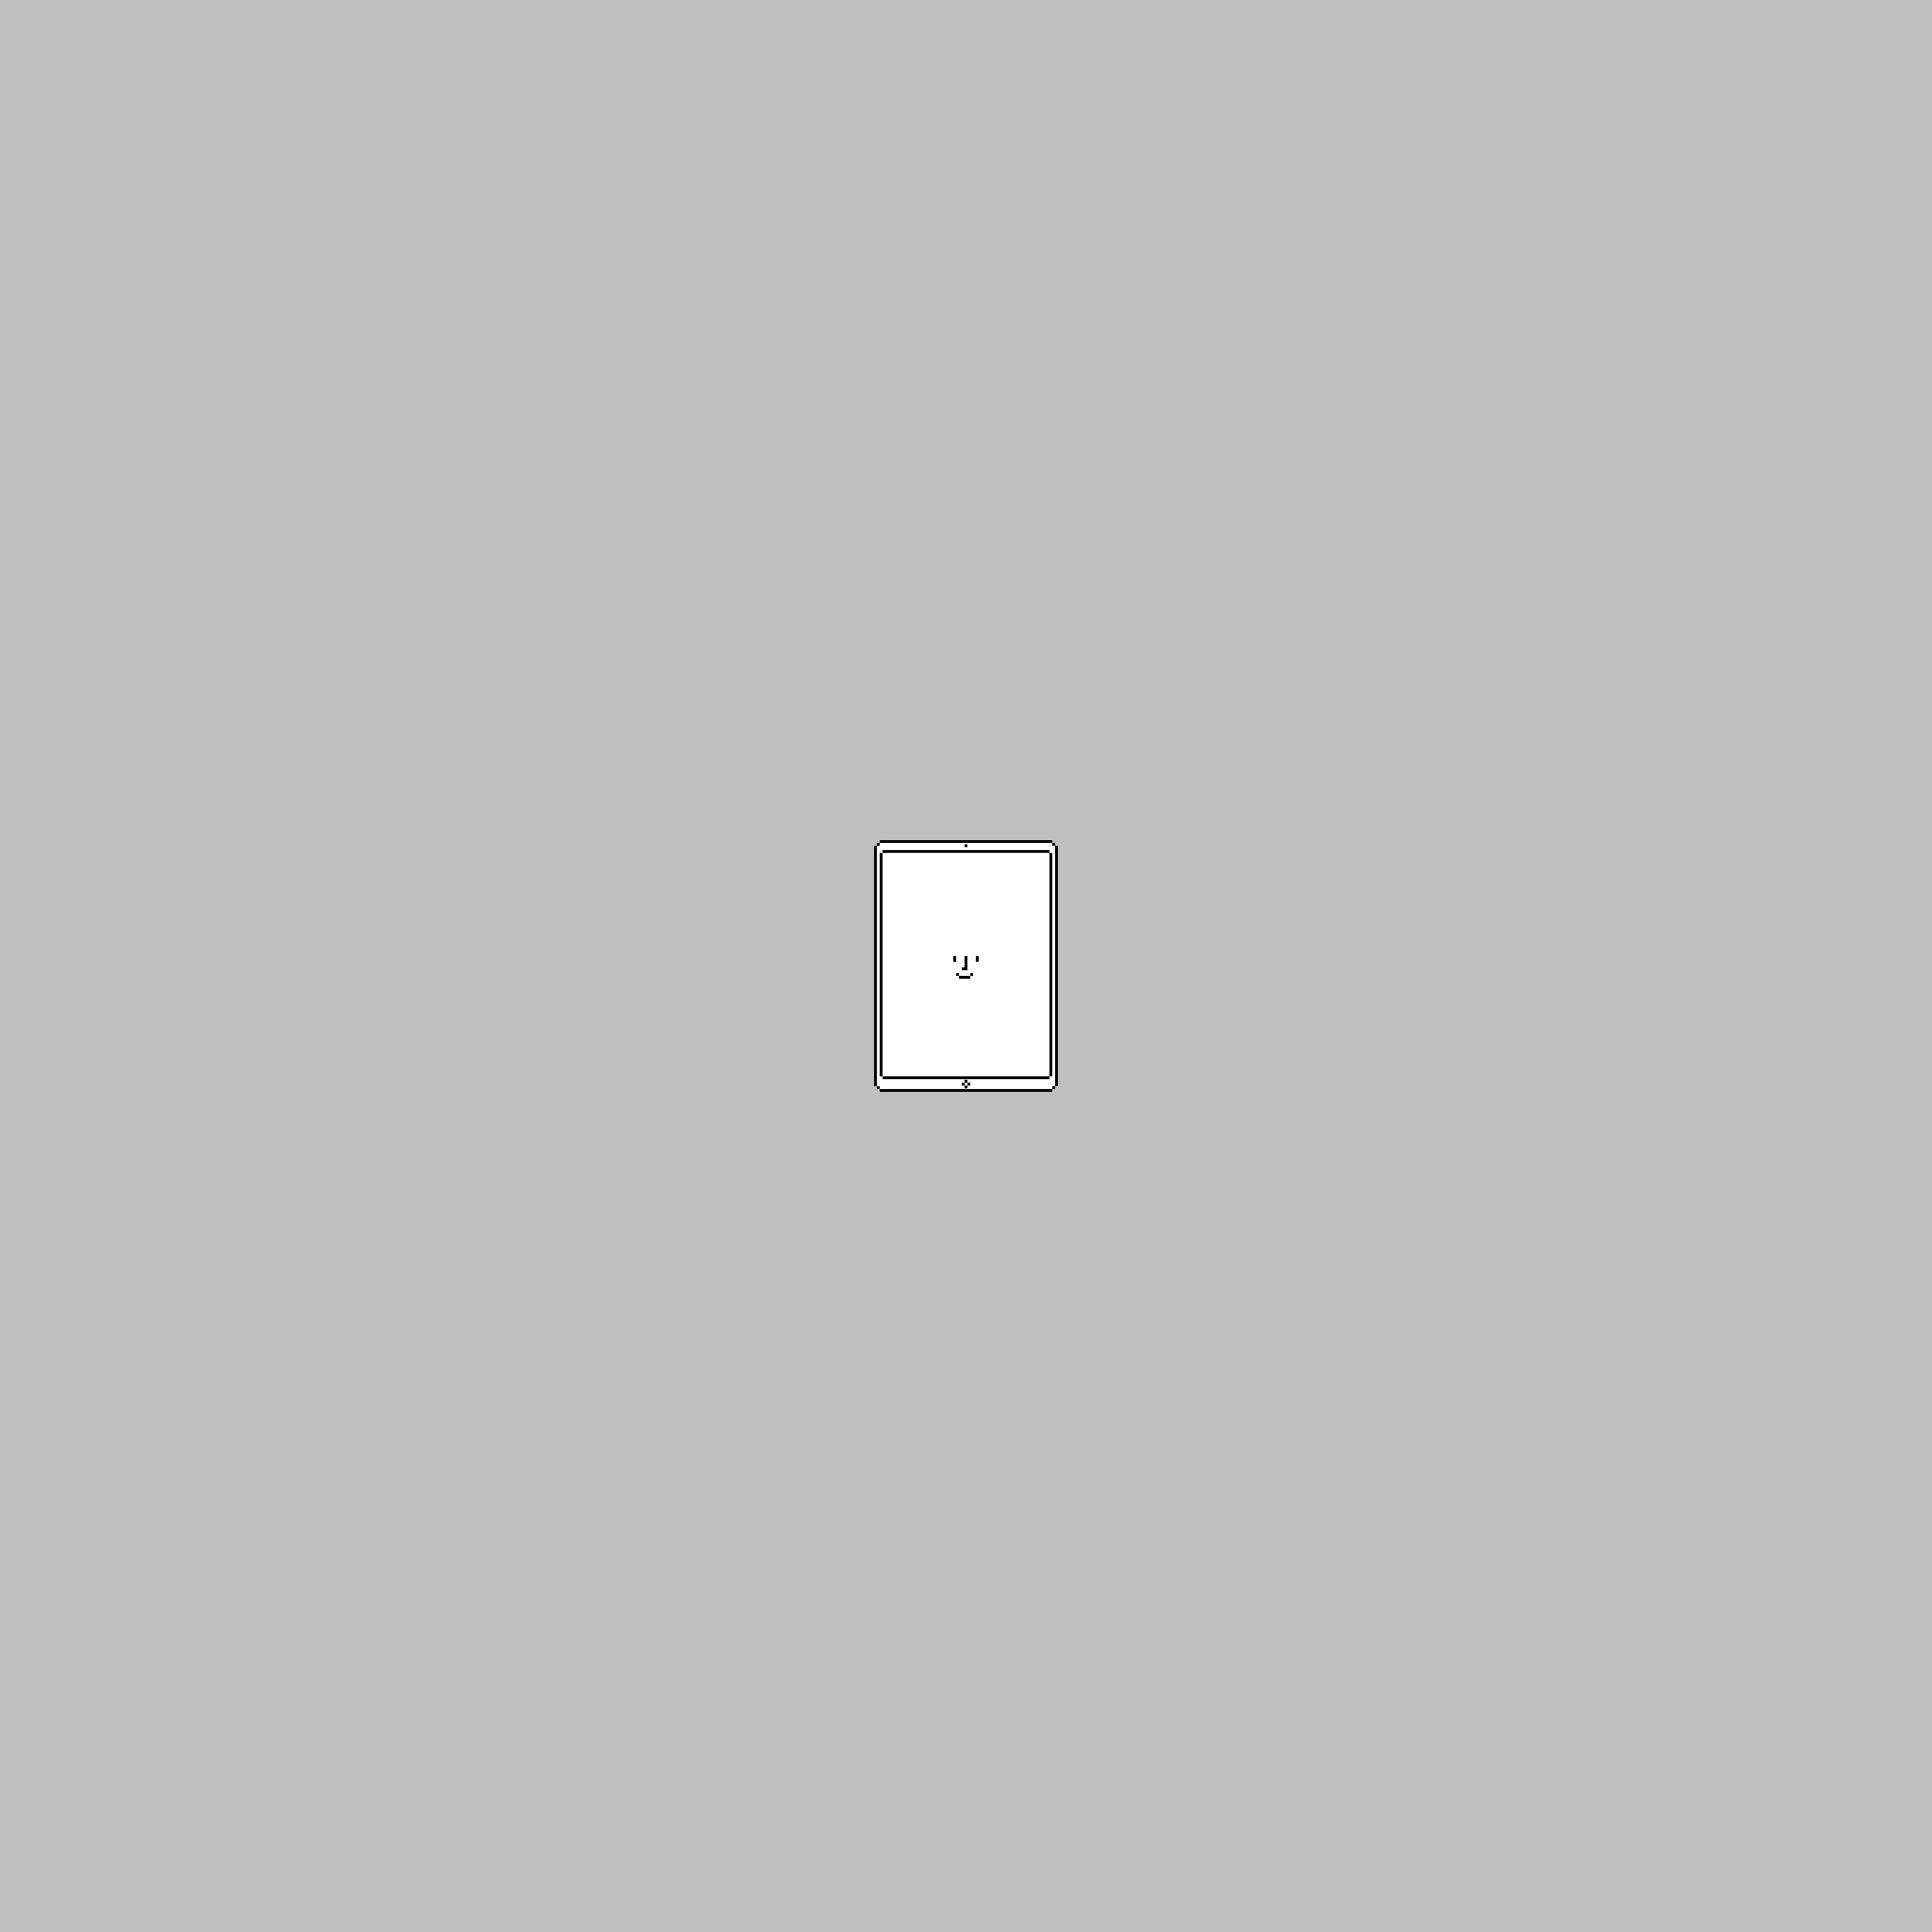 iPad Pro Portraitロック画面用壁紙